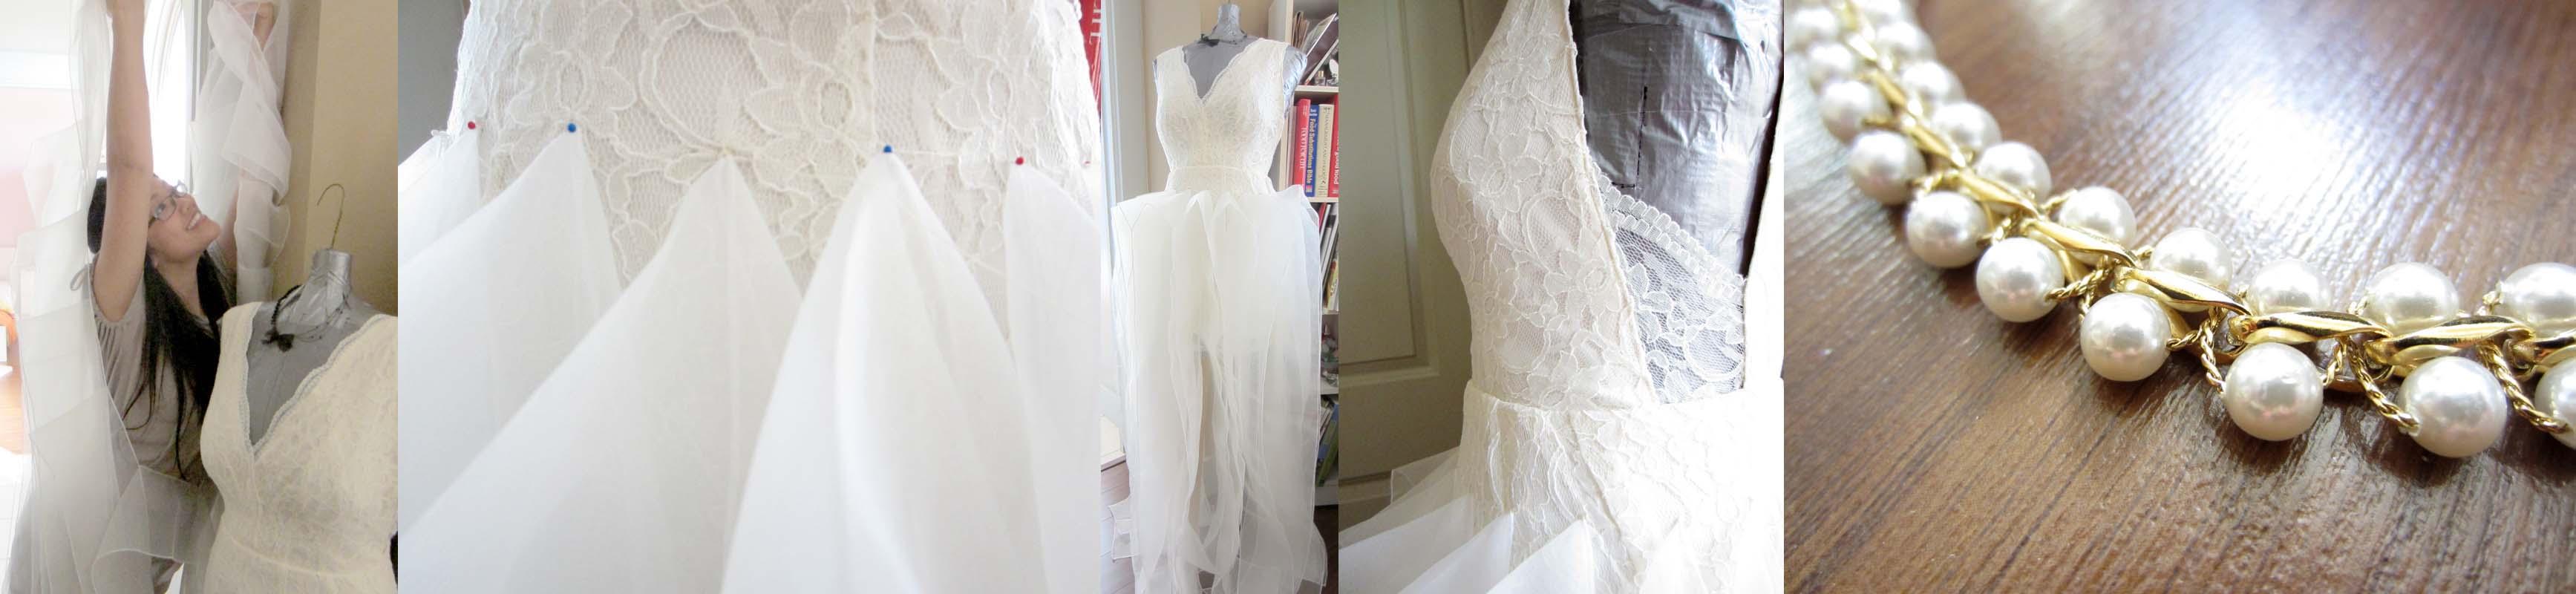 DIY wedding gown